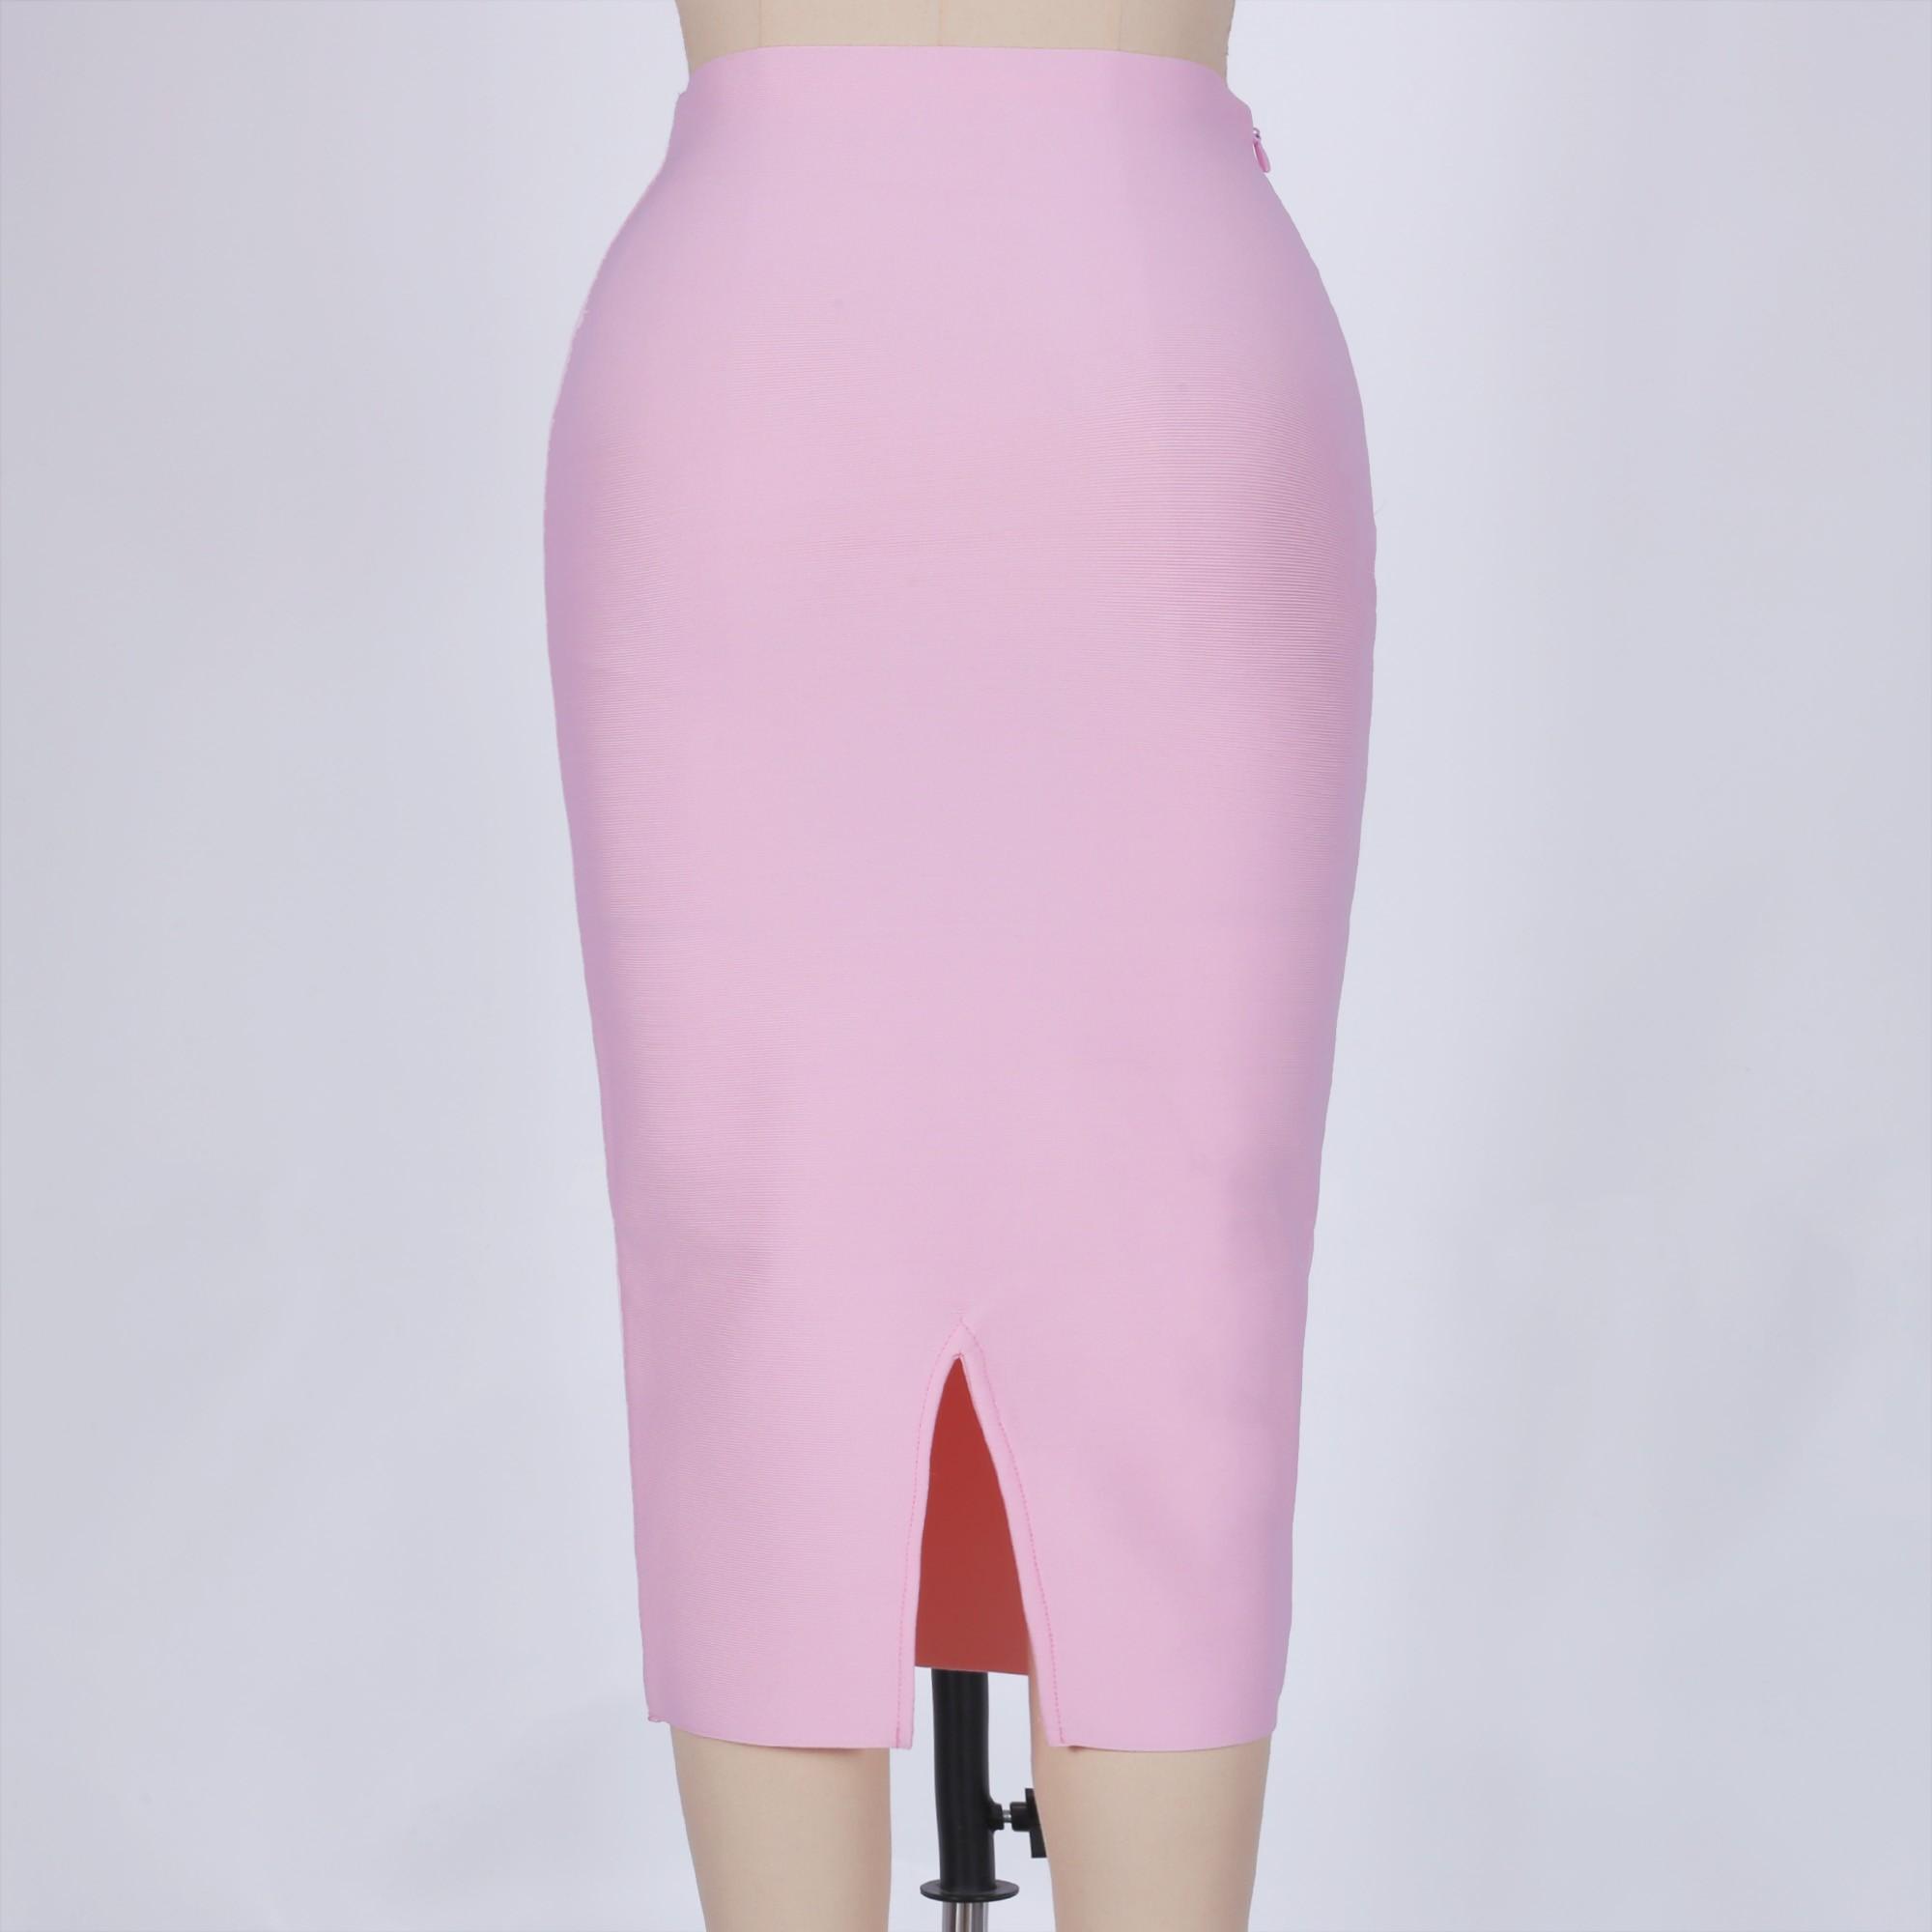 Pink Mini Plain Back Slit High Quality Bandage Skirt PPHK035-Pink